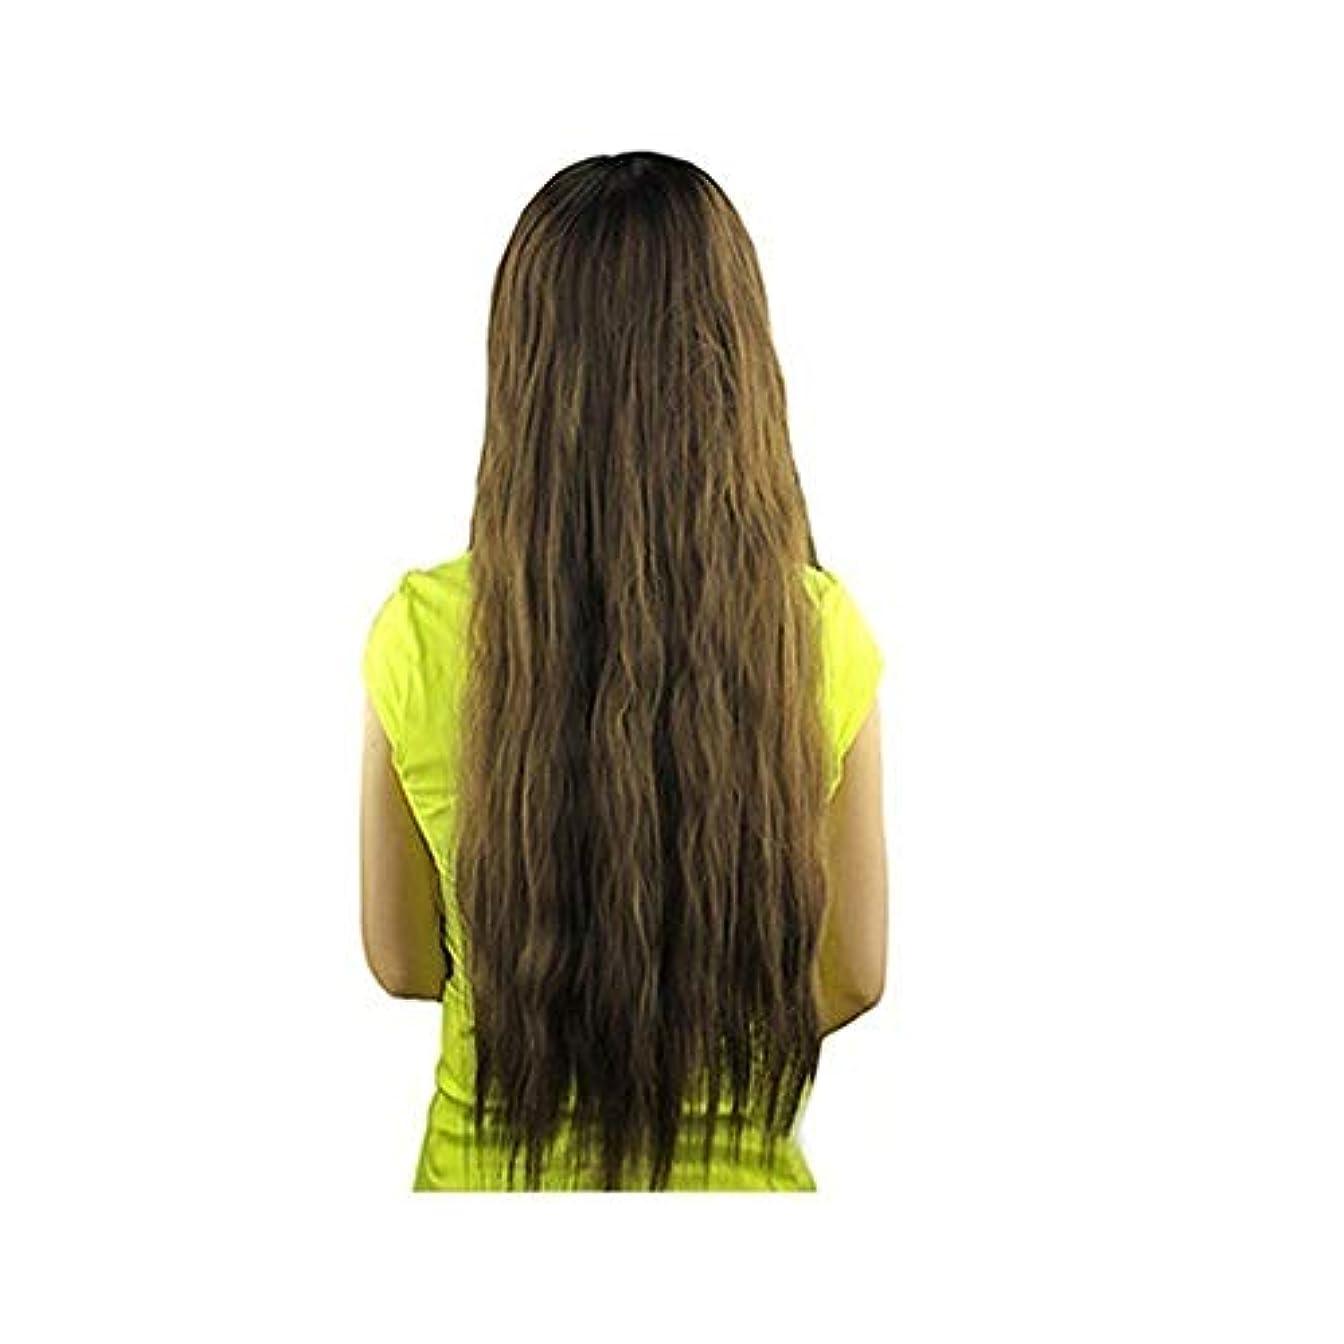 監査消える層slQinjiansav女性ウィッグ修理ツール女性長波状バング髪ウィッグ耐熱パーティーコスプレ合成ヘアピース